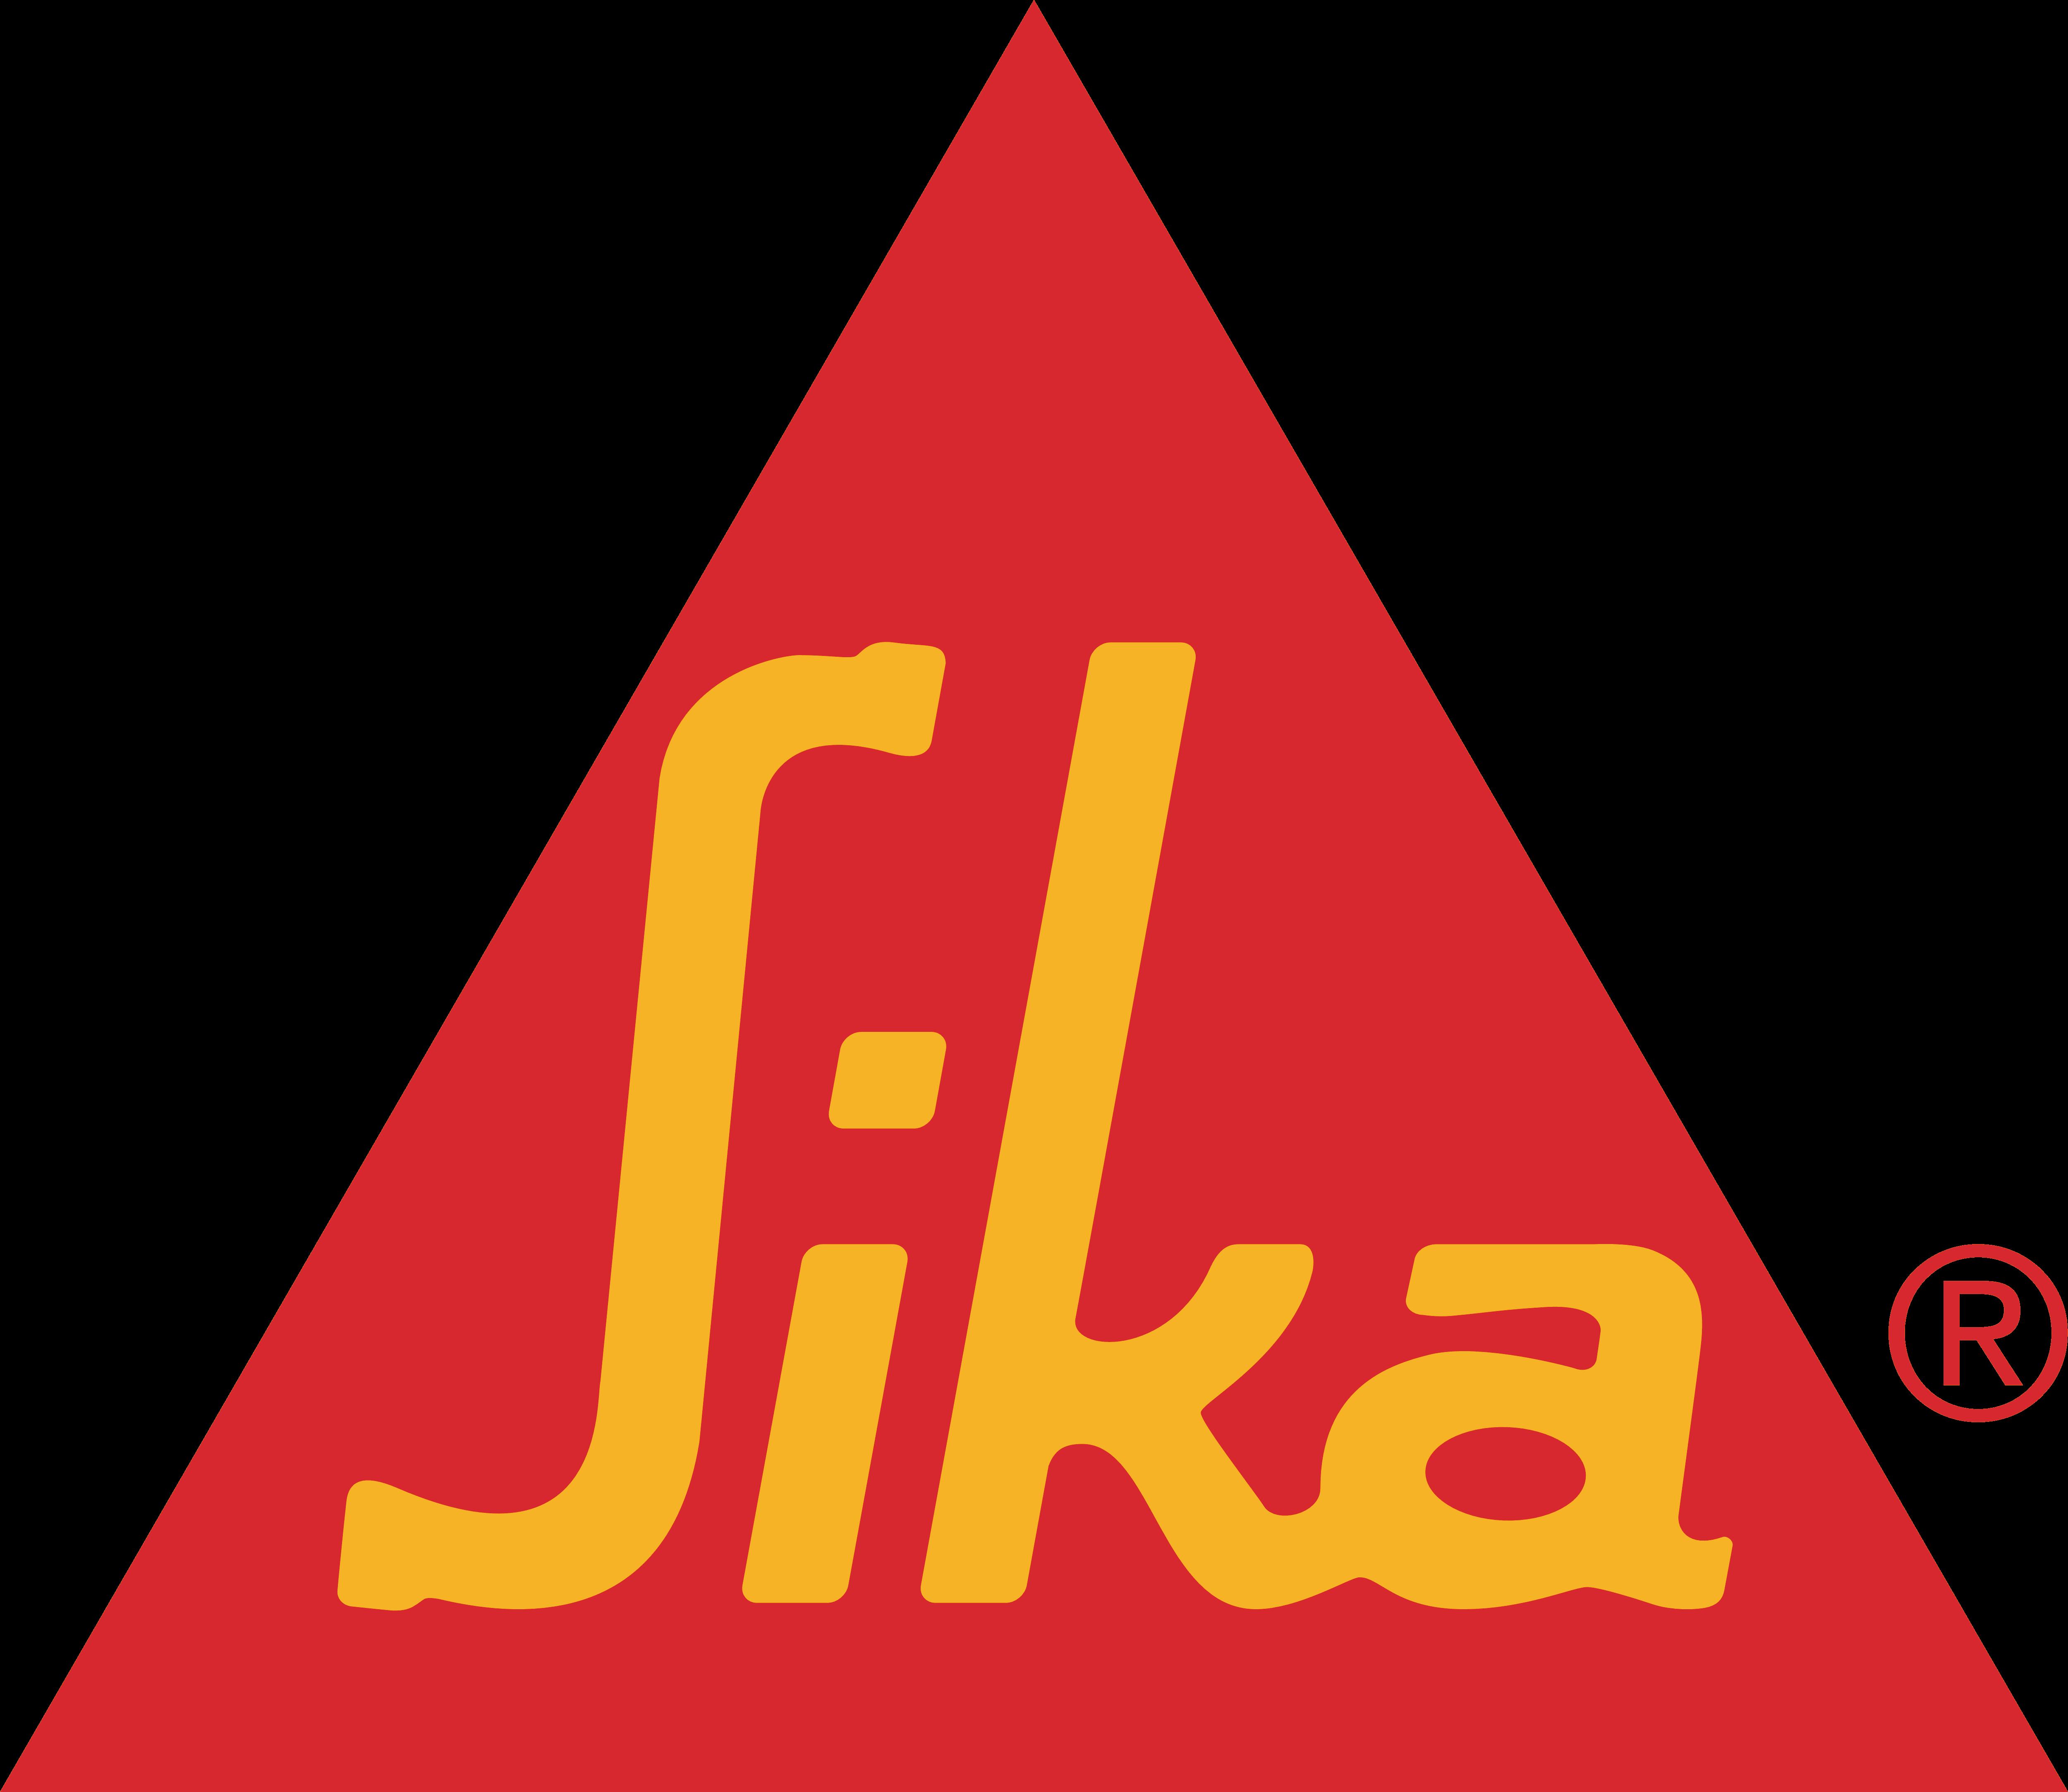 Sika_logo.png